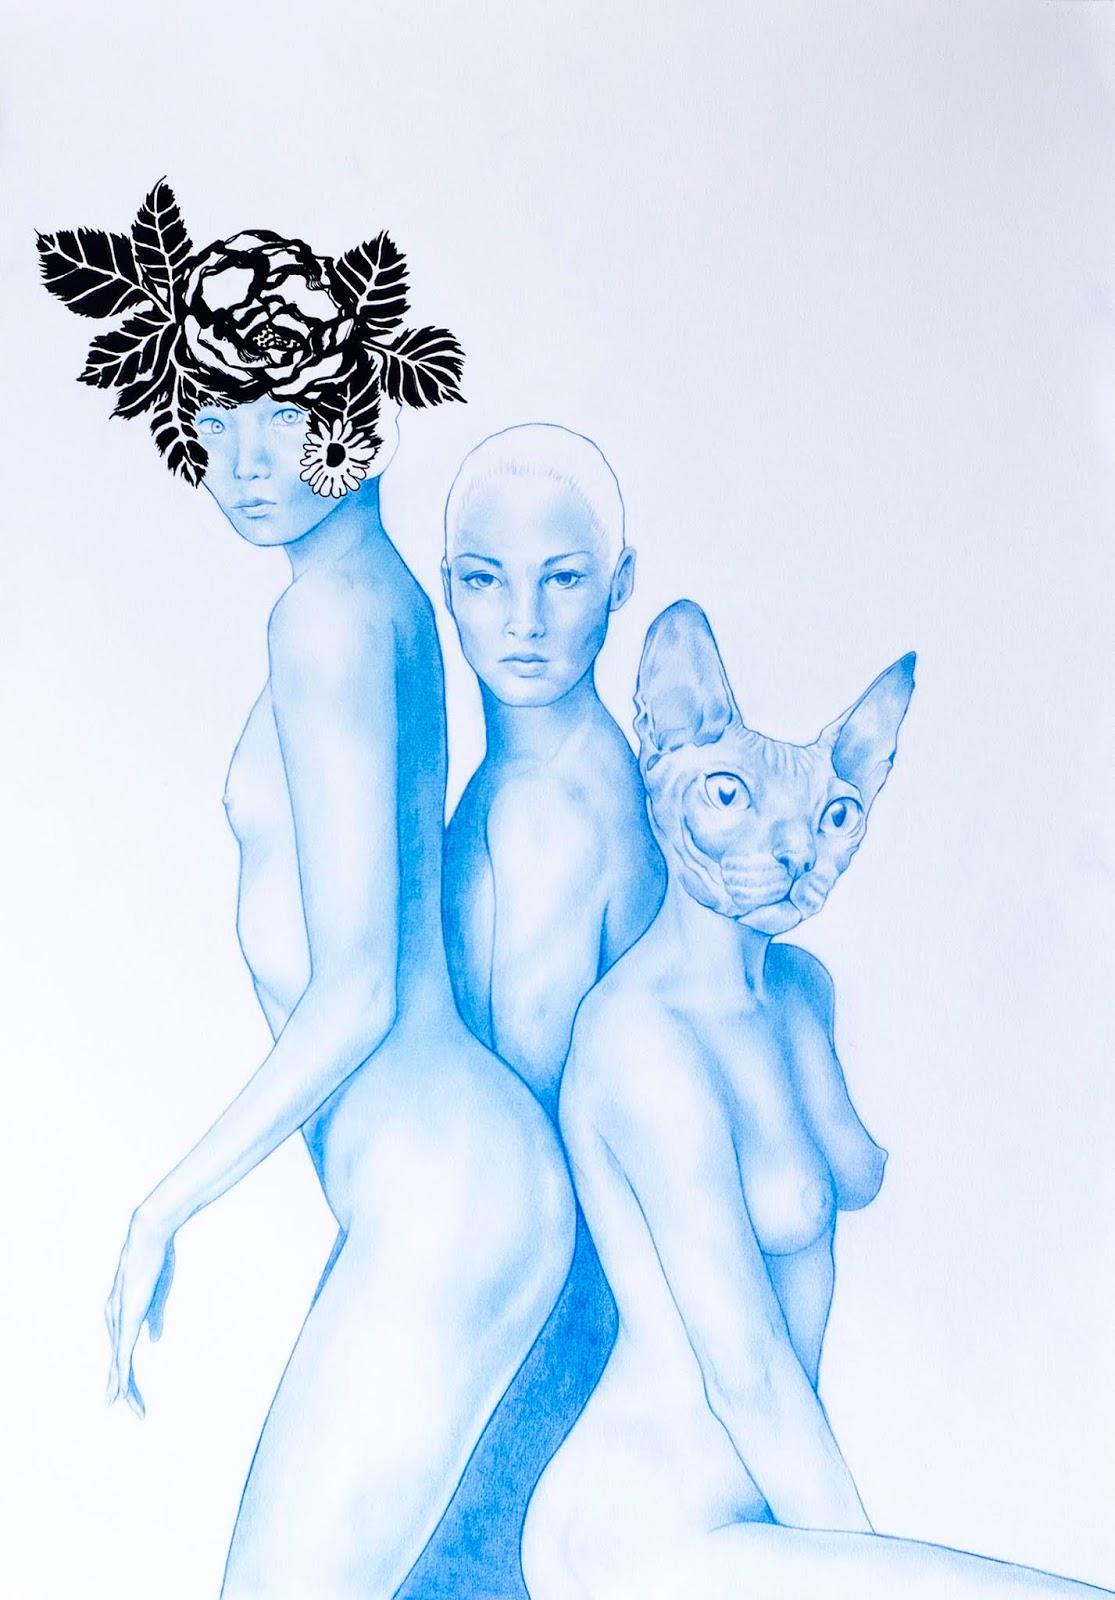 Ilustración de Jorge González trío de dos ninfas celestes como mujer con cabeza de gato